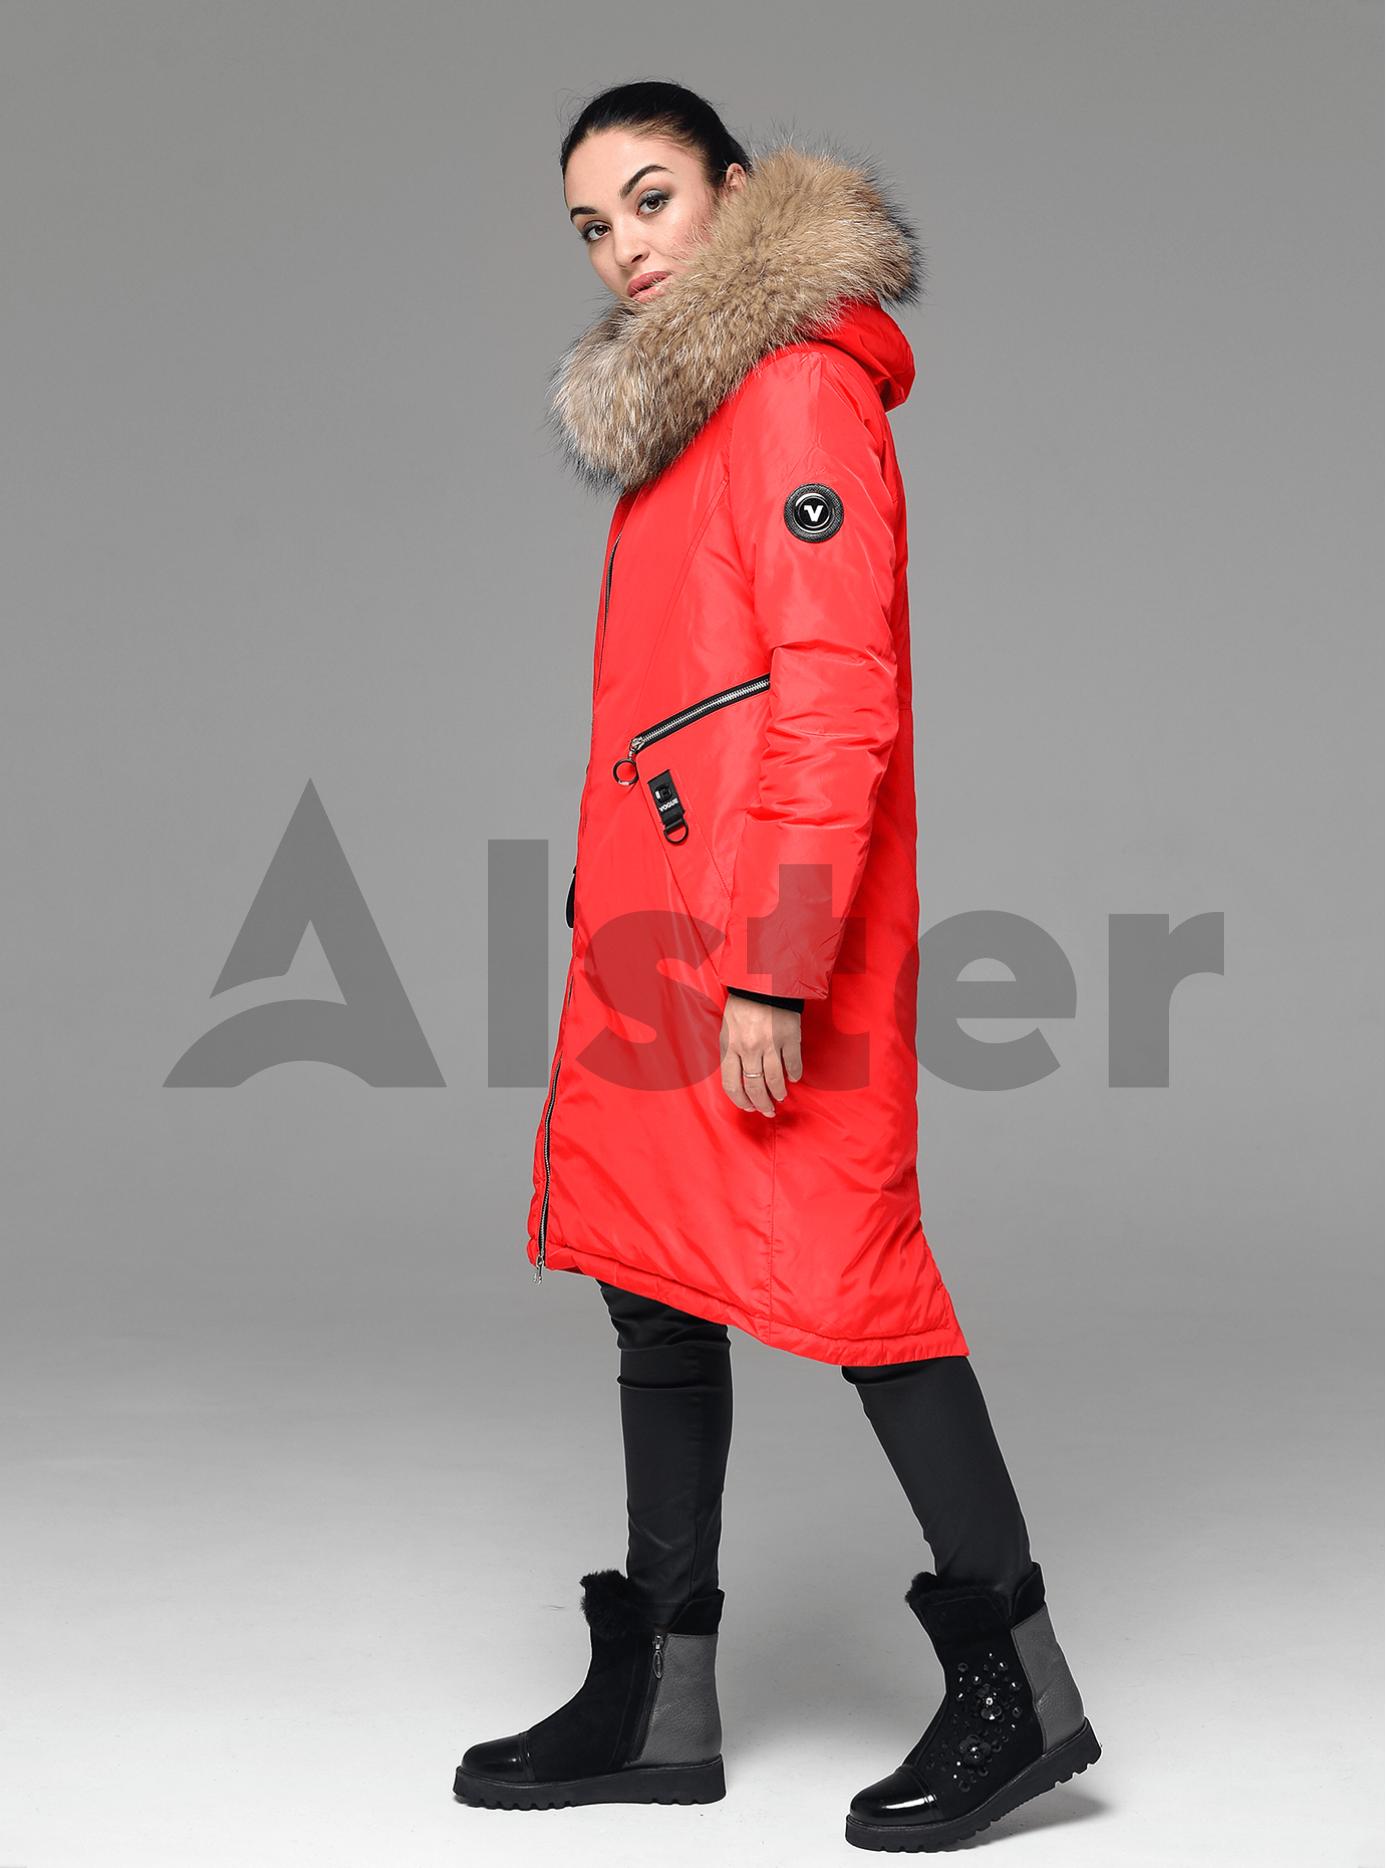 Куртка зимняя длинная прямого кроя с мехом енота Красный XL (05-V191245): фото - Alster.ua